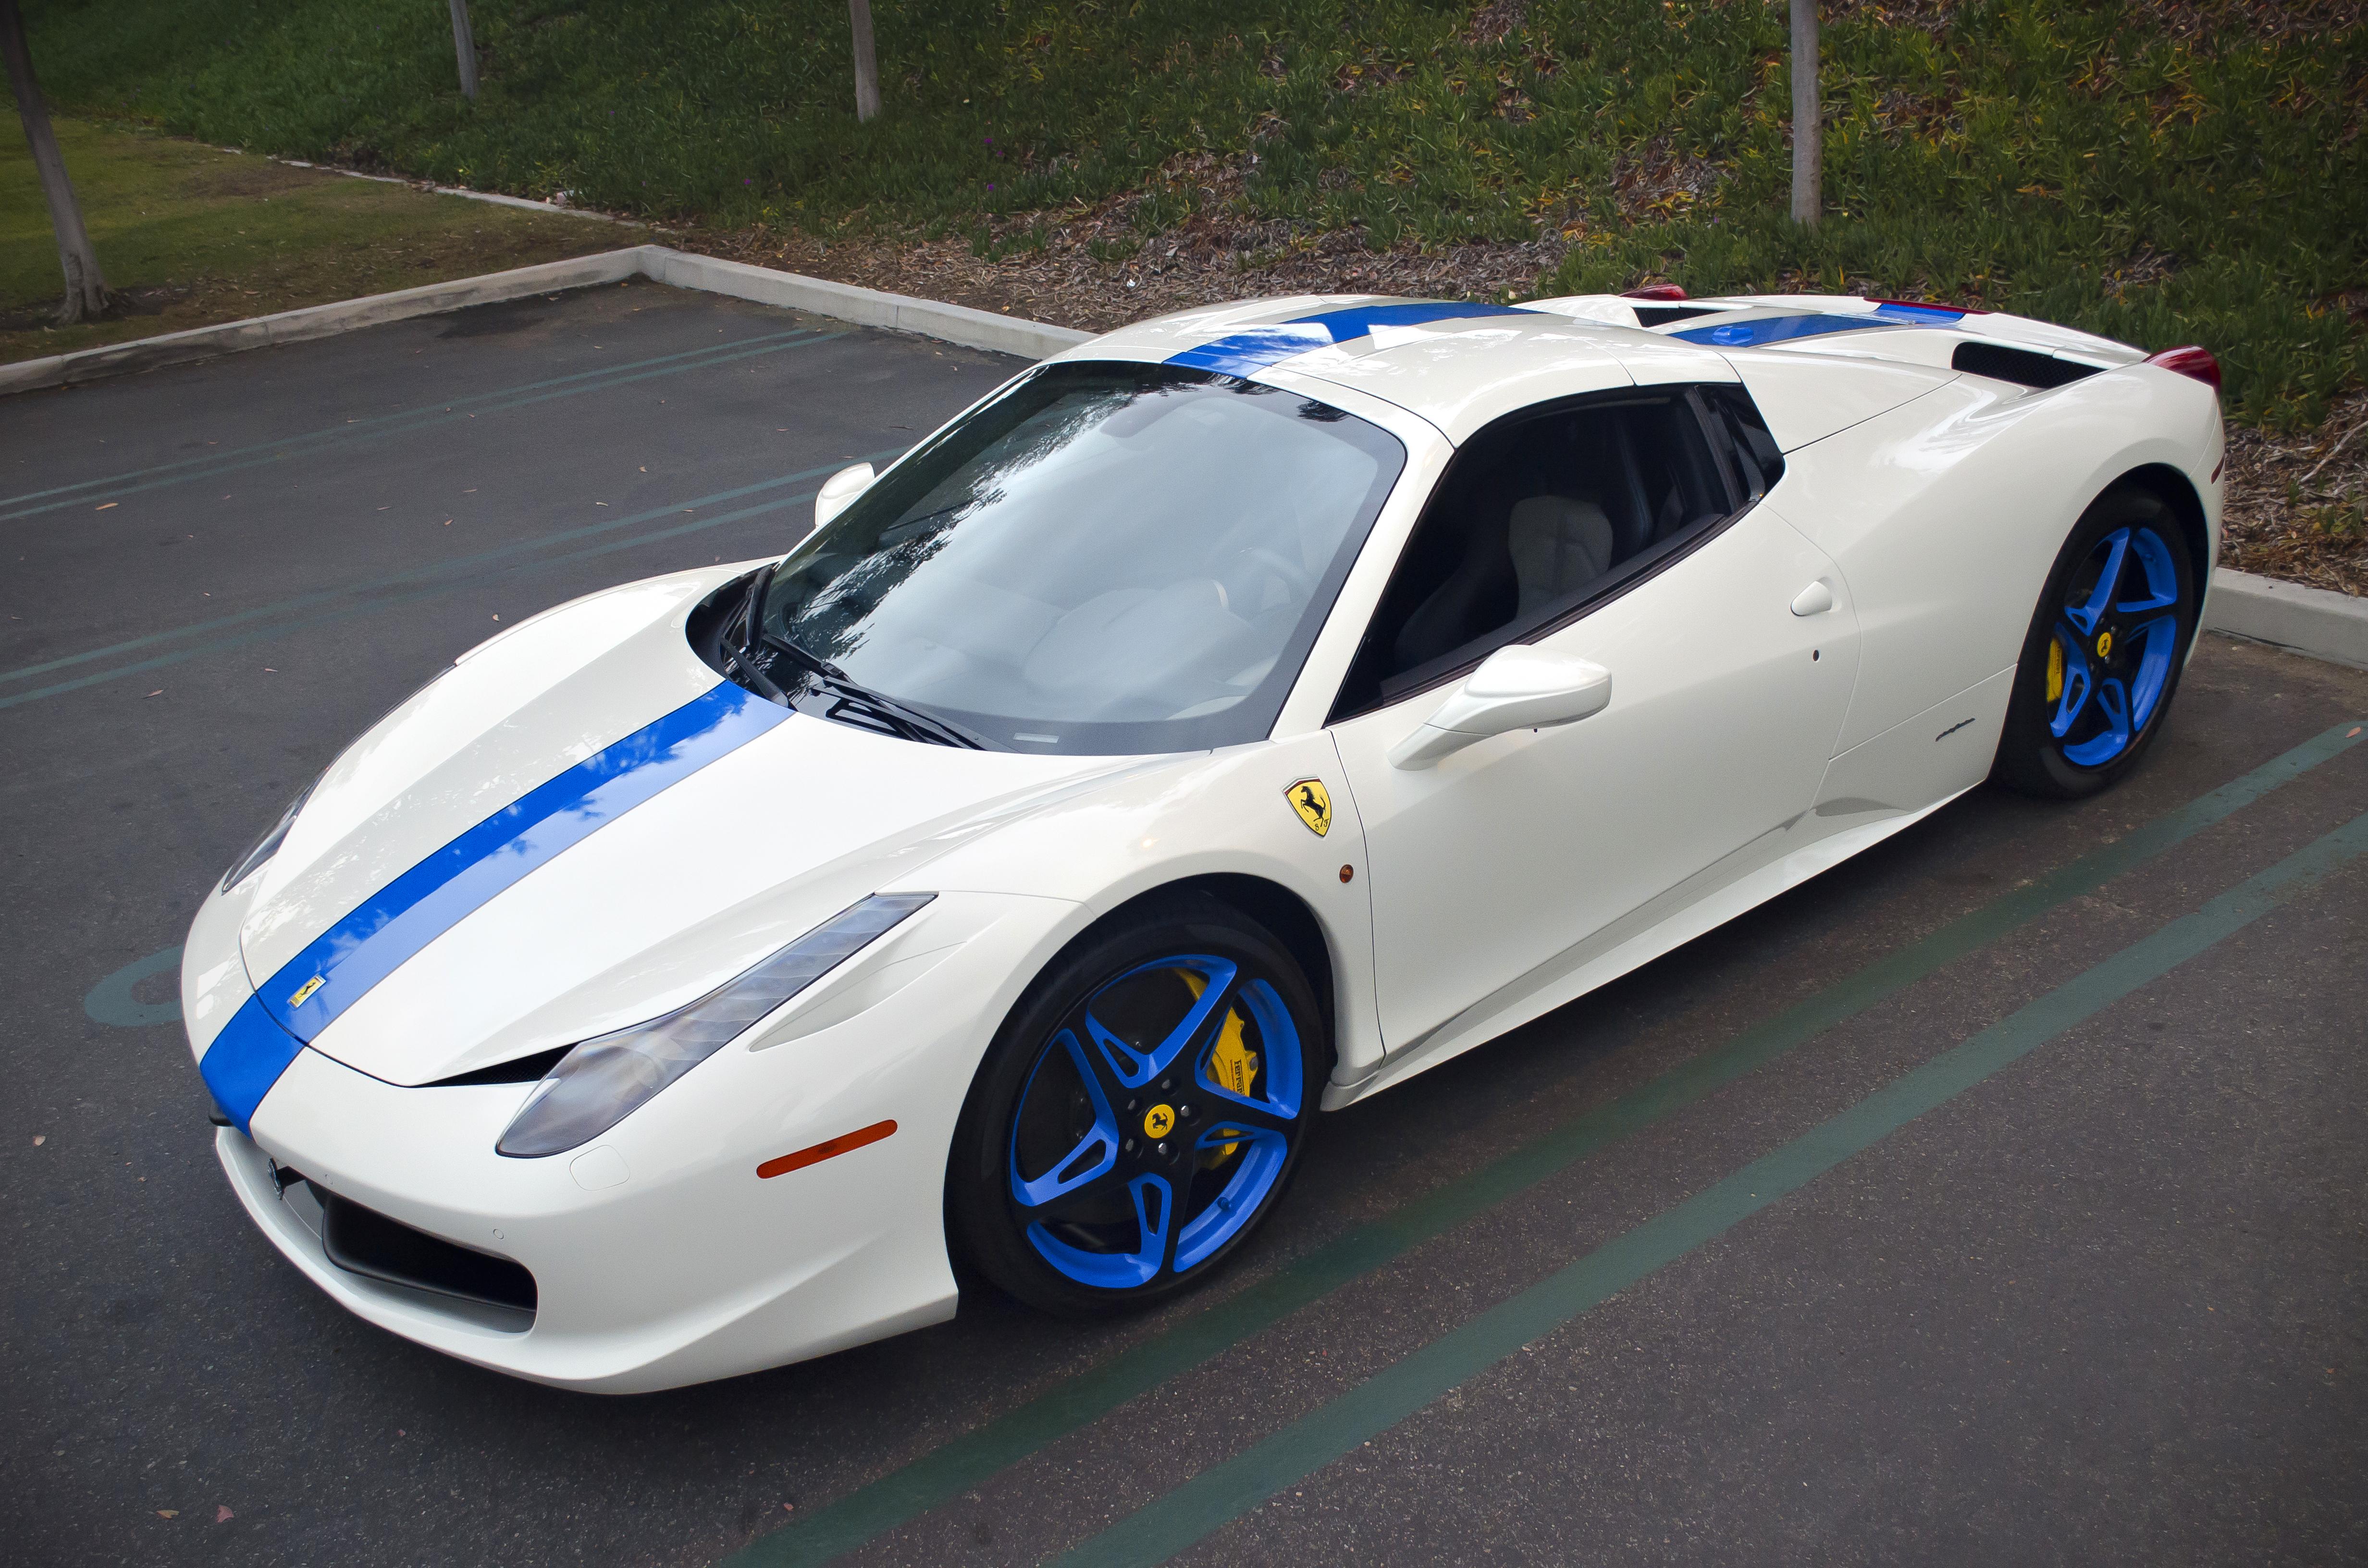 File:White-Blue Ferrari 458 Italia Spider (8632594166).jpg